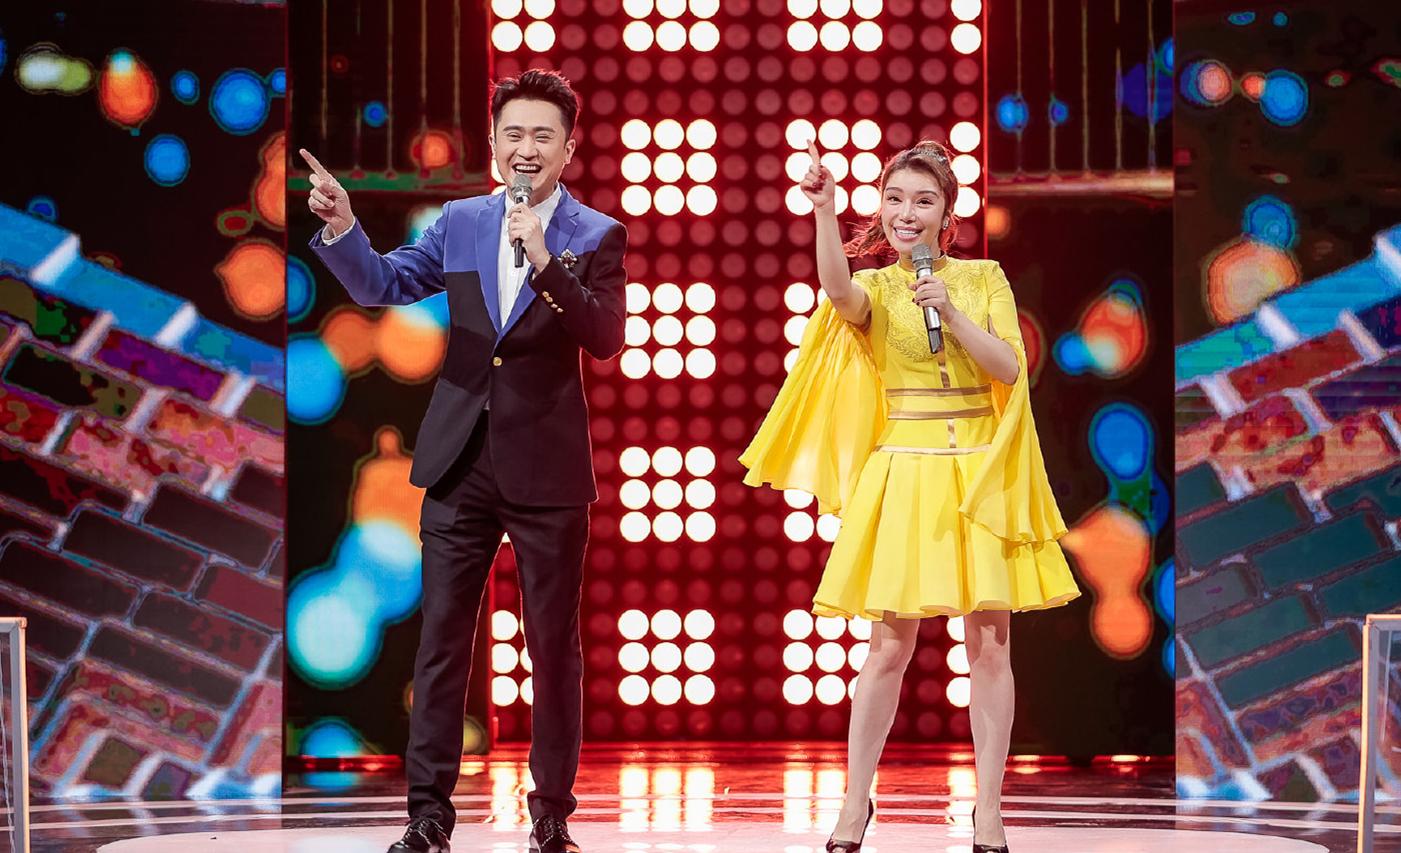 央视捧红又一新面孔,搭档杨帆主持门面节目,为选手着想得到肯定